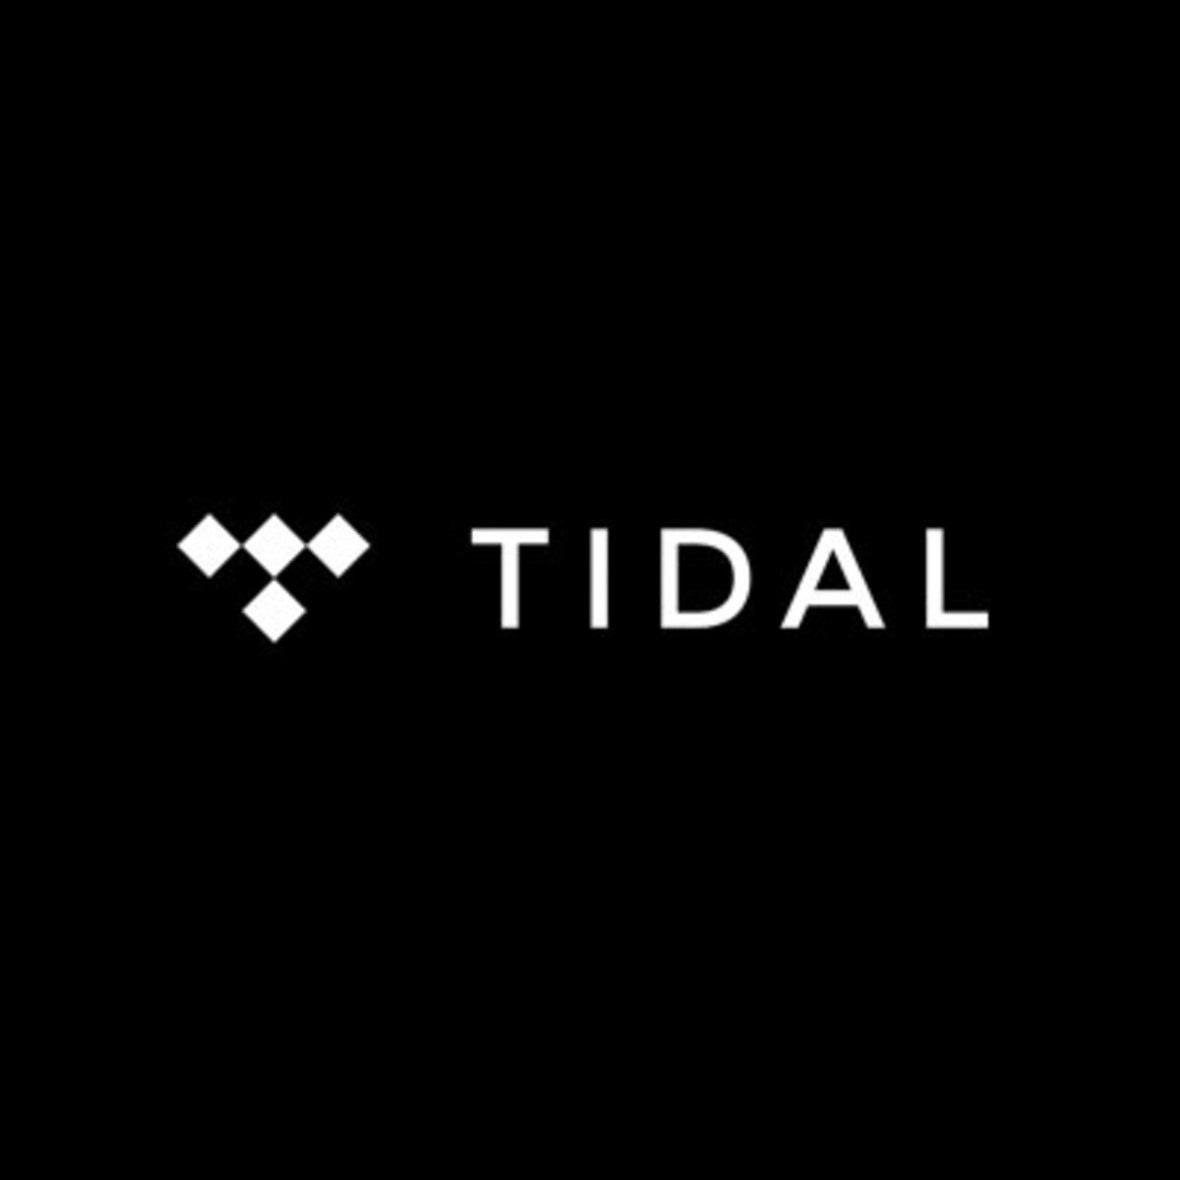 tidal-log.jpg